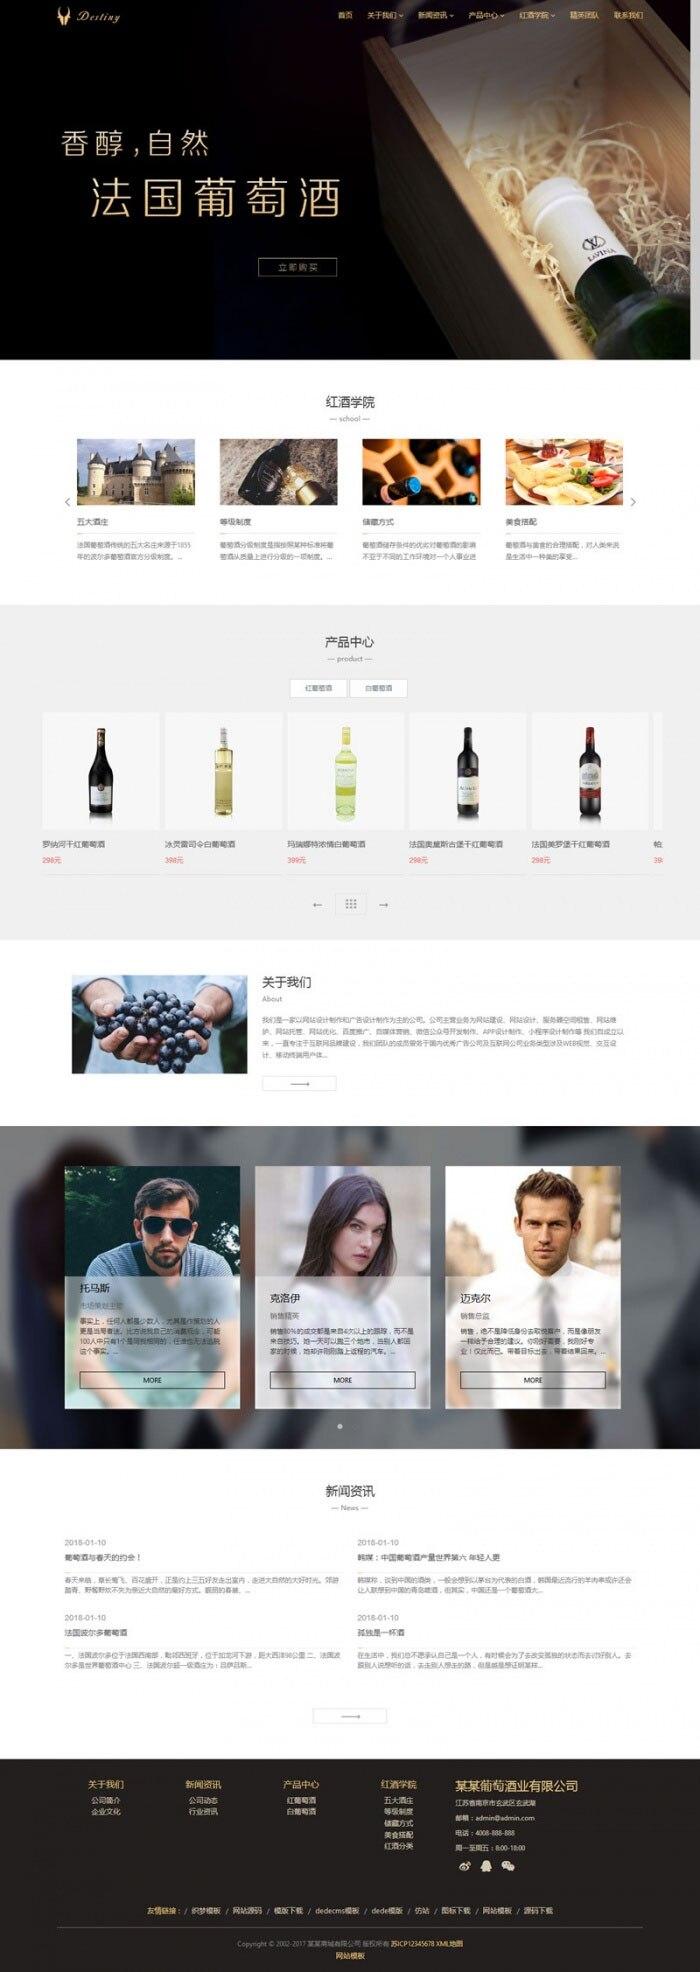 响应式酒业食品葡萄酒公司网站模板(自适应手机移动端)